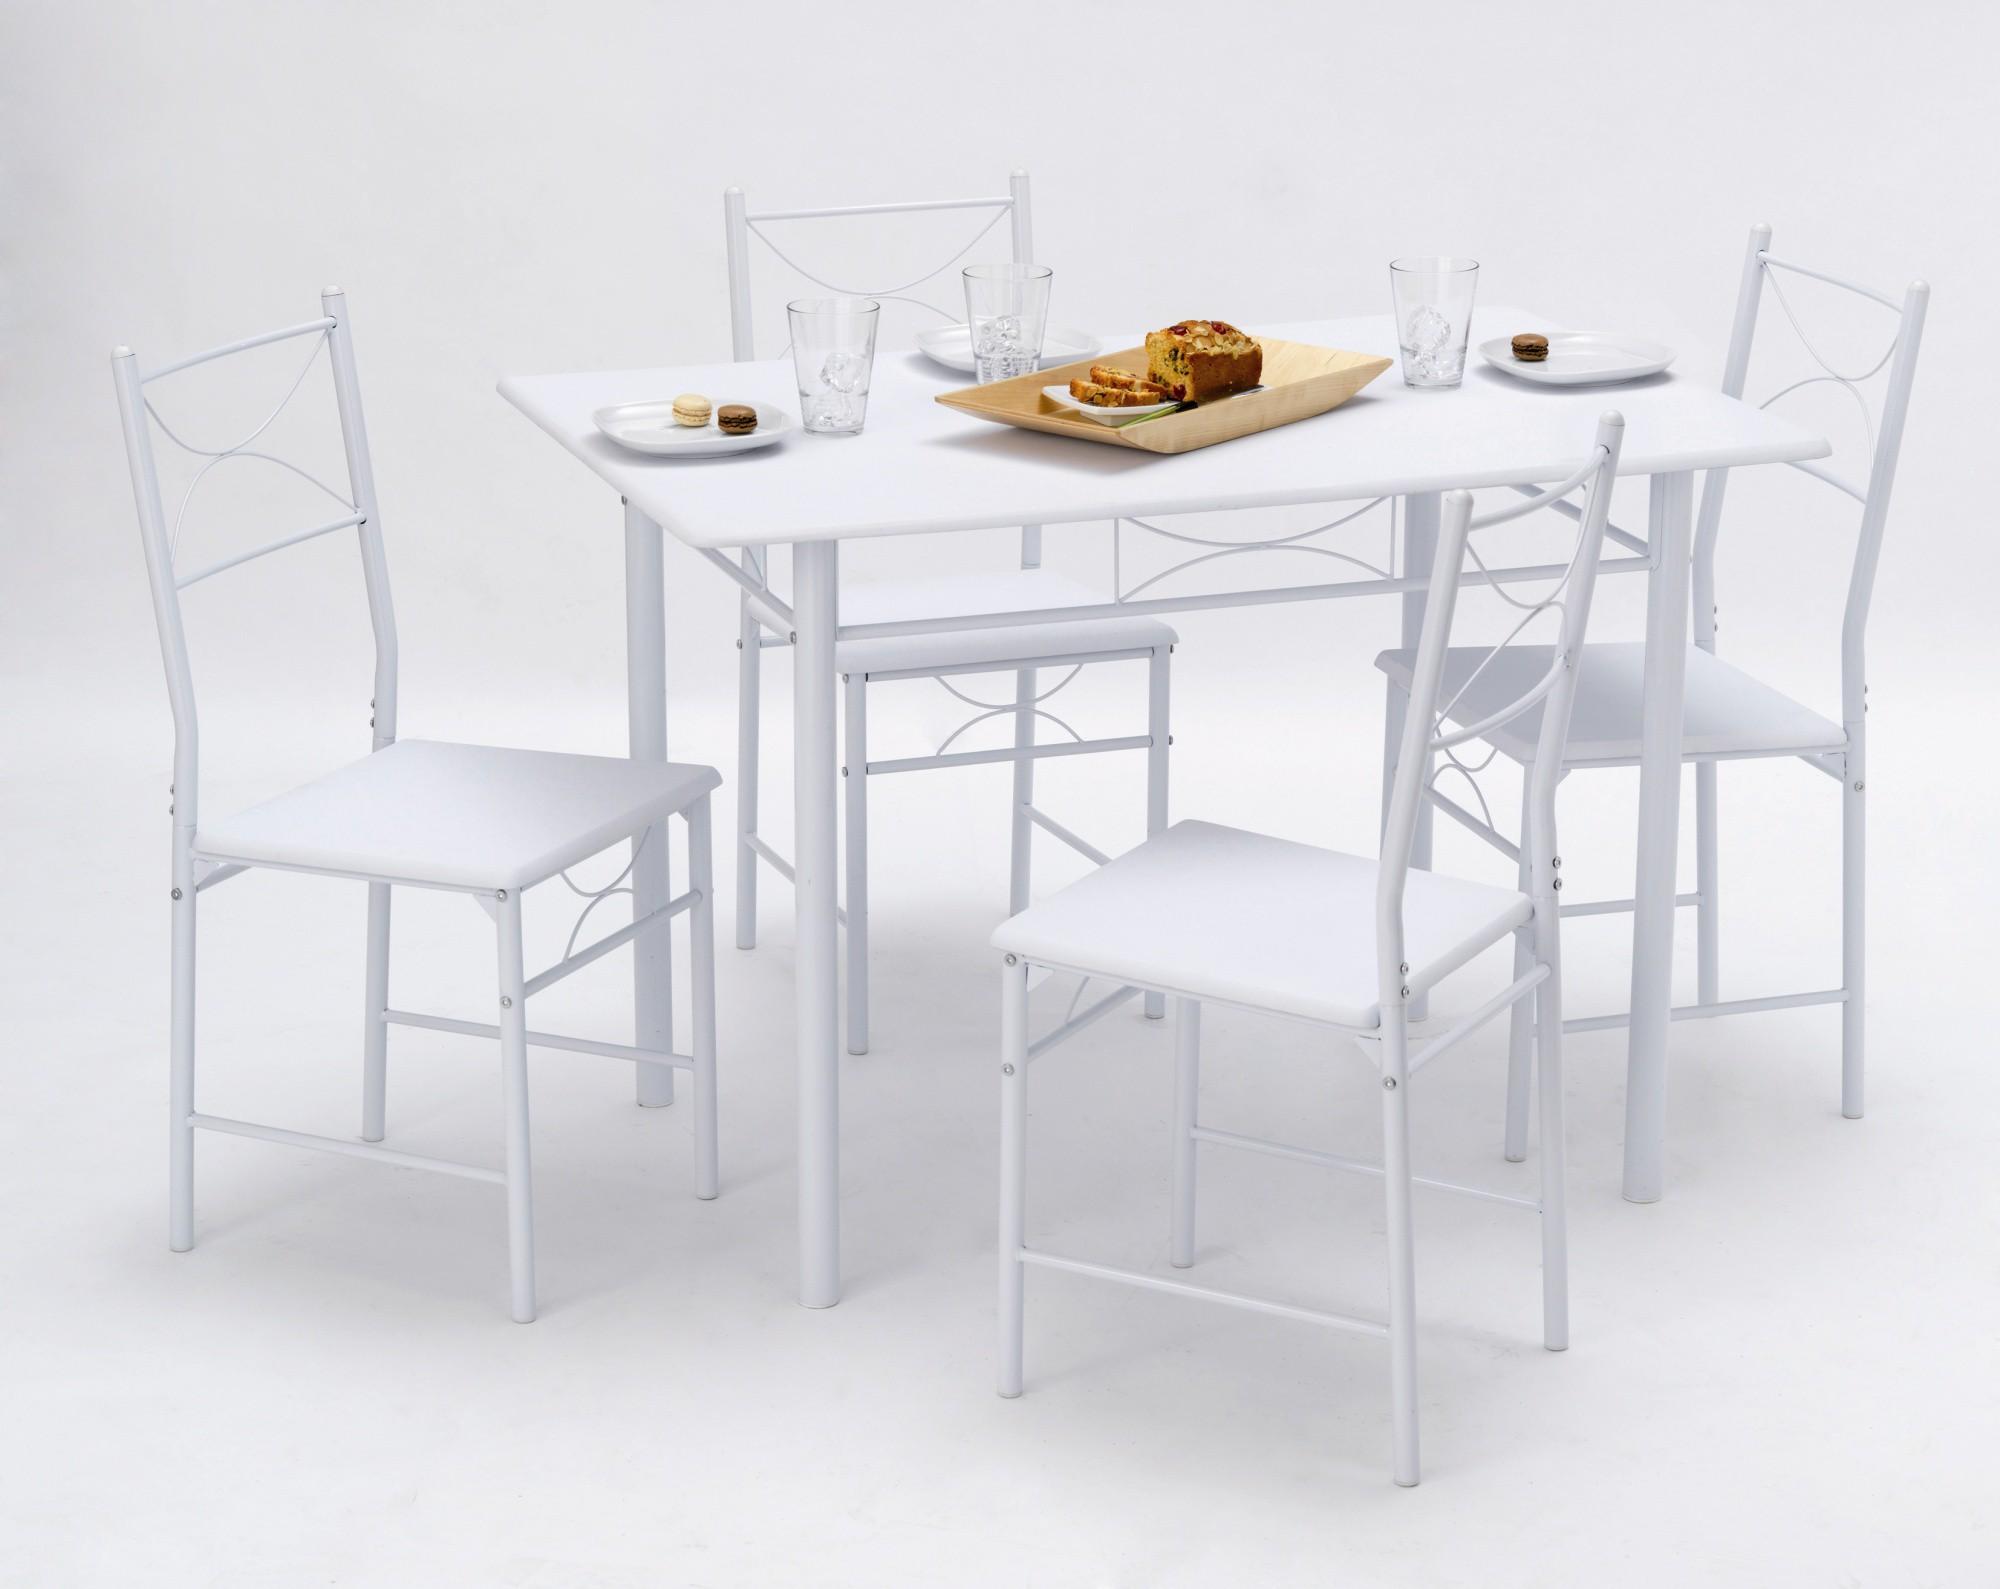 chaise tendance archives le monde de l a. Black Bedroom Furniture Sets. Home Design Ideas